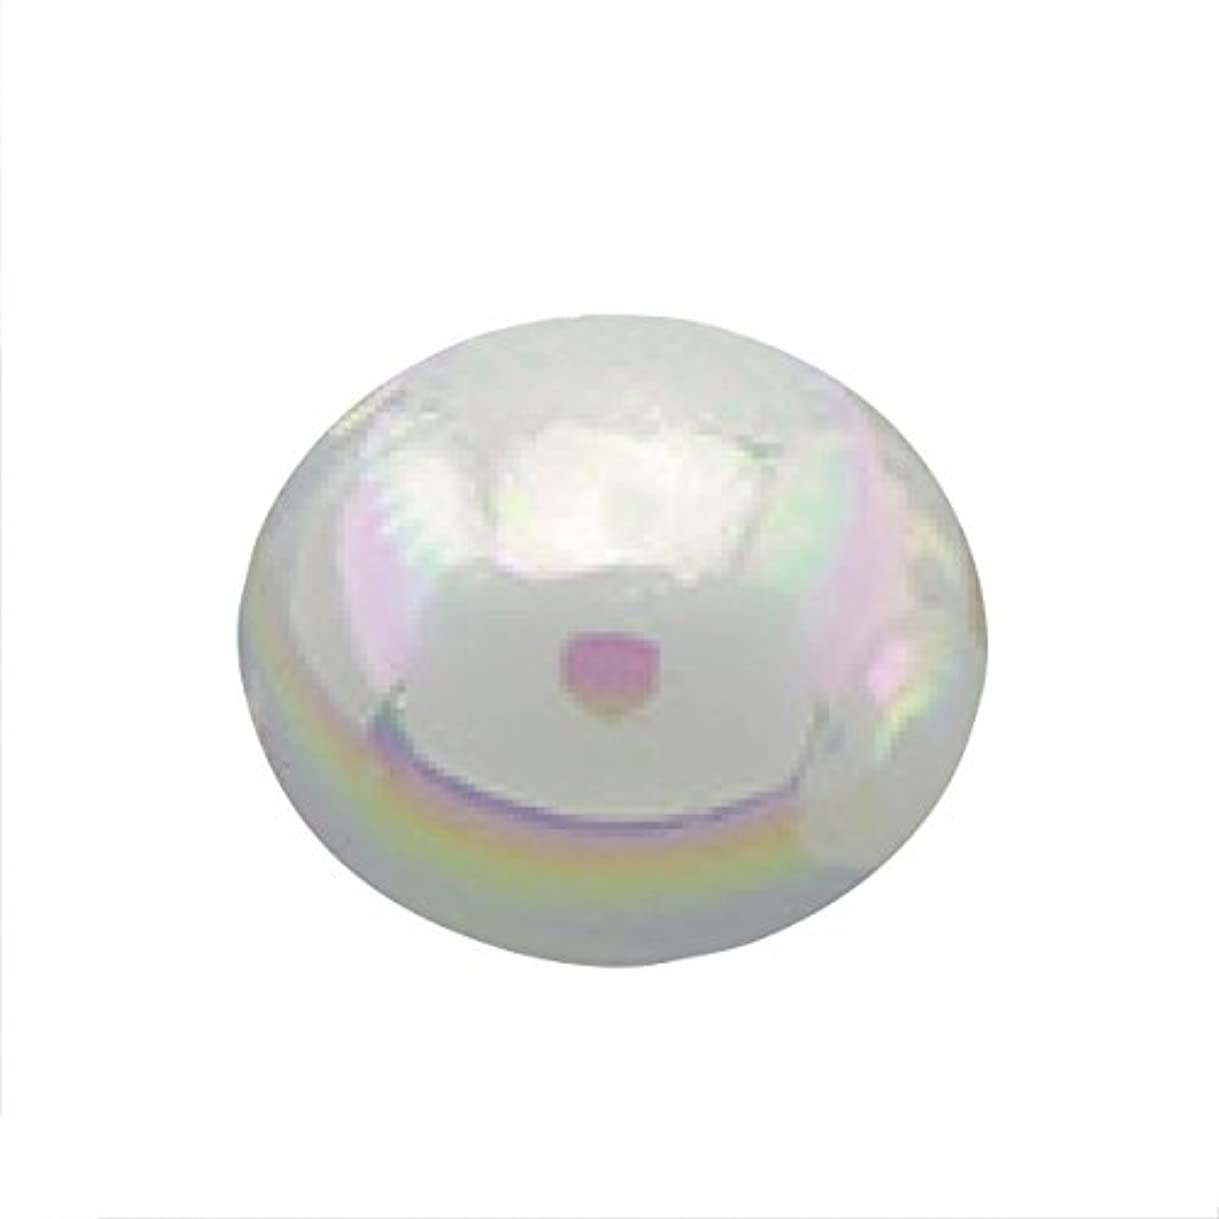 金額乱れ周りパールオーロラオフホワイト1.5mm(50個入り)